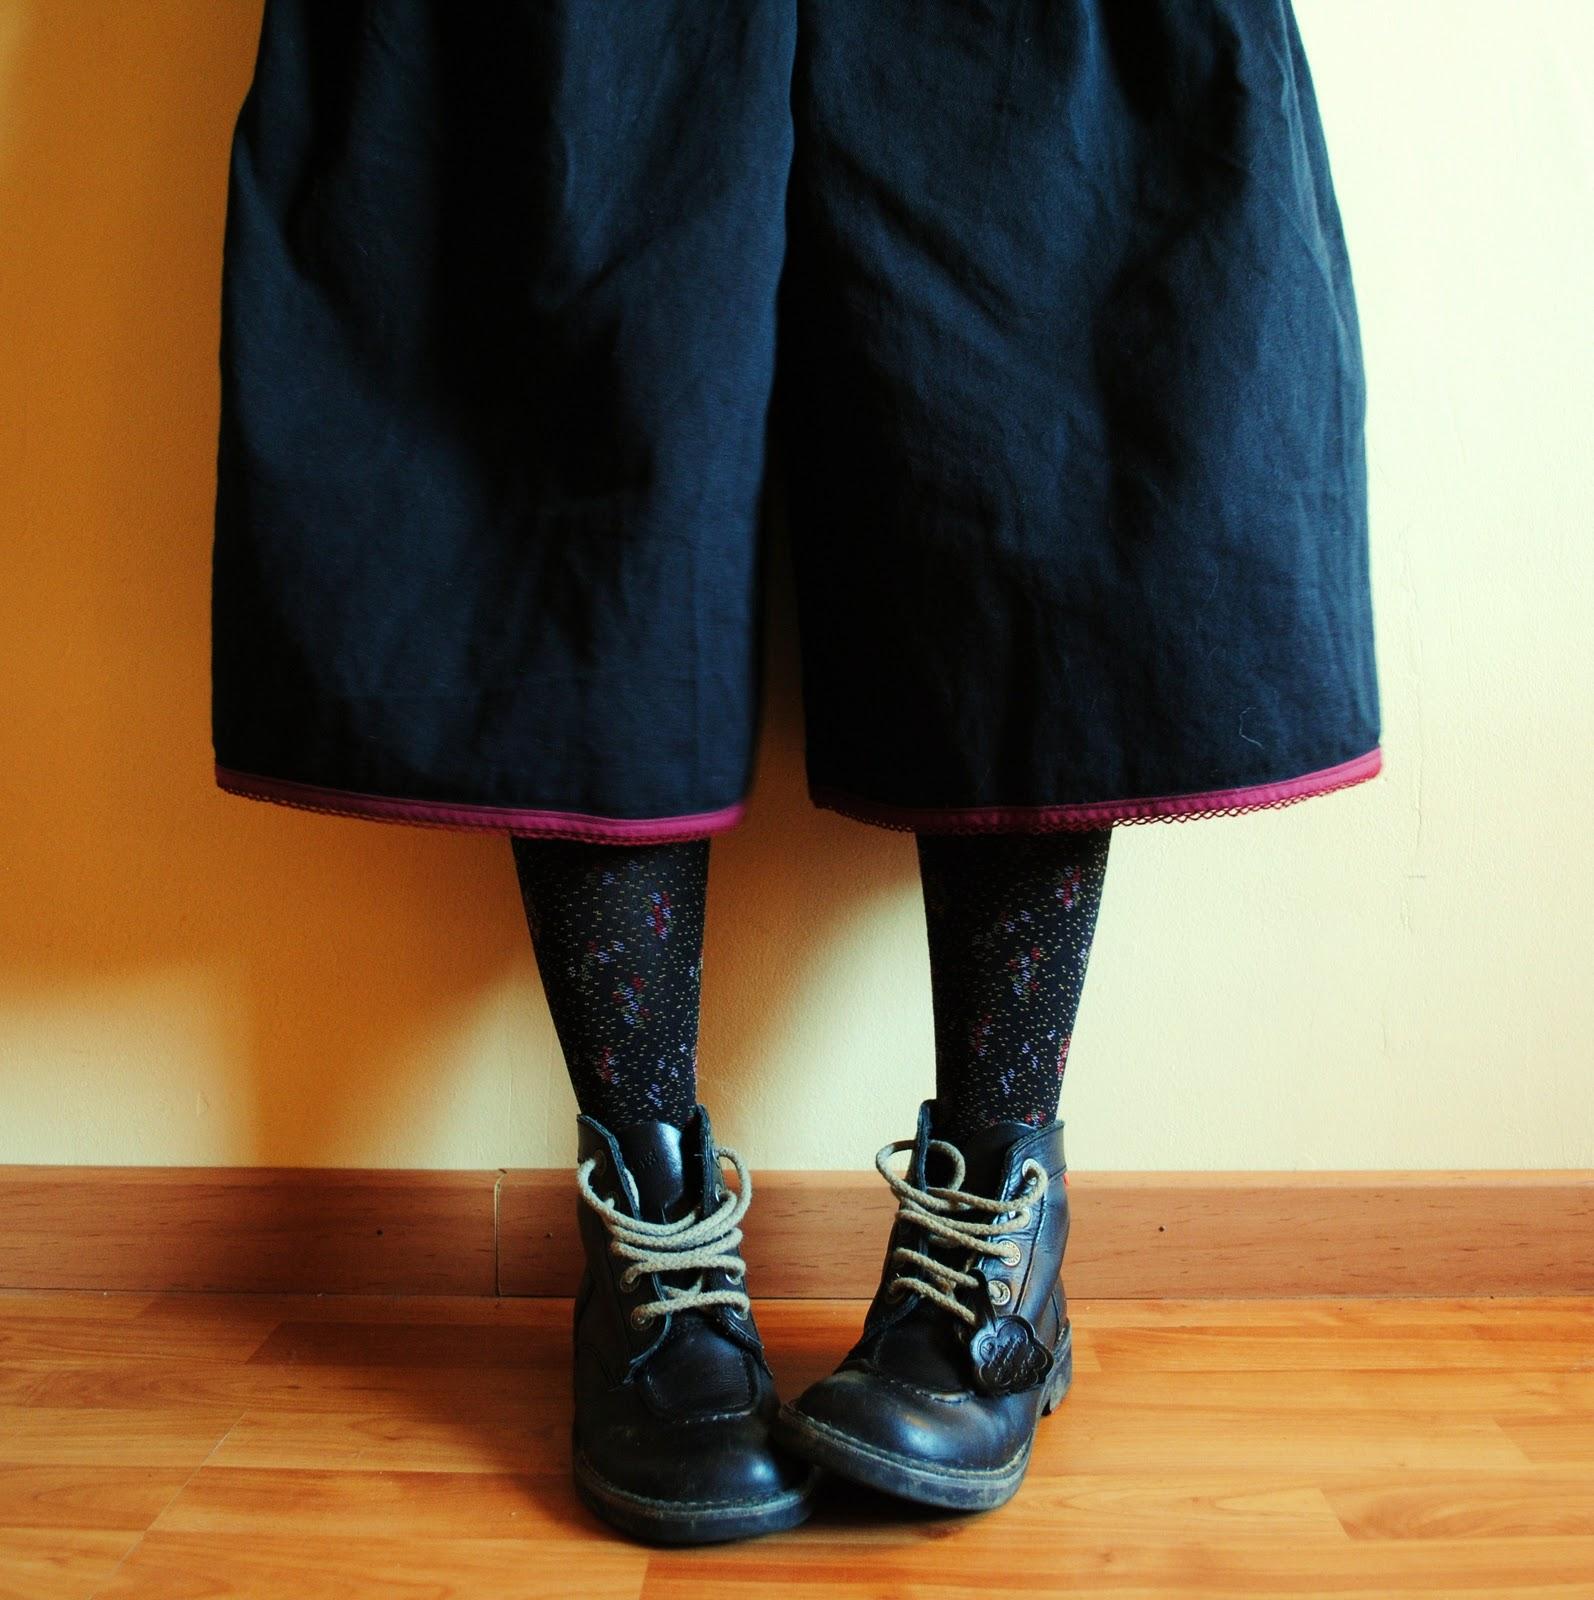 sans culotte sous sa jupe cherche femme à baiser